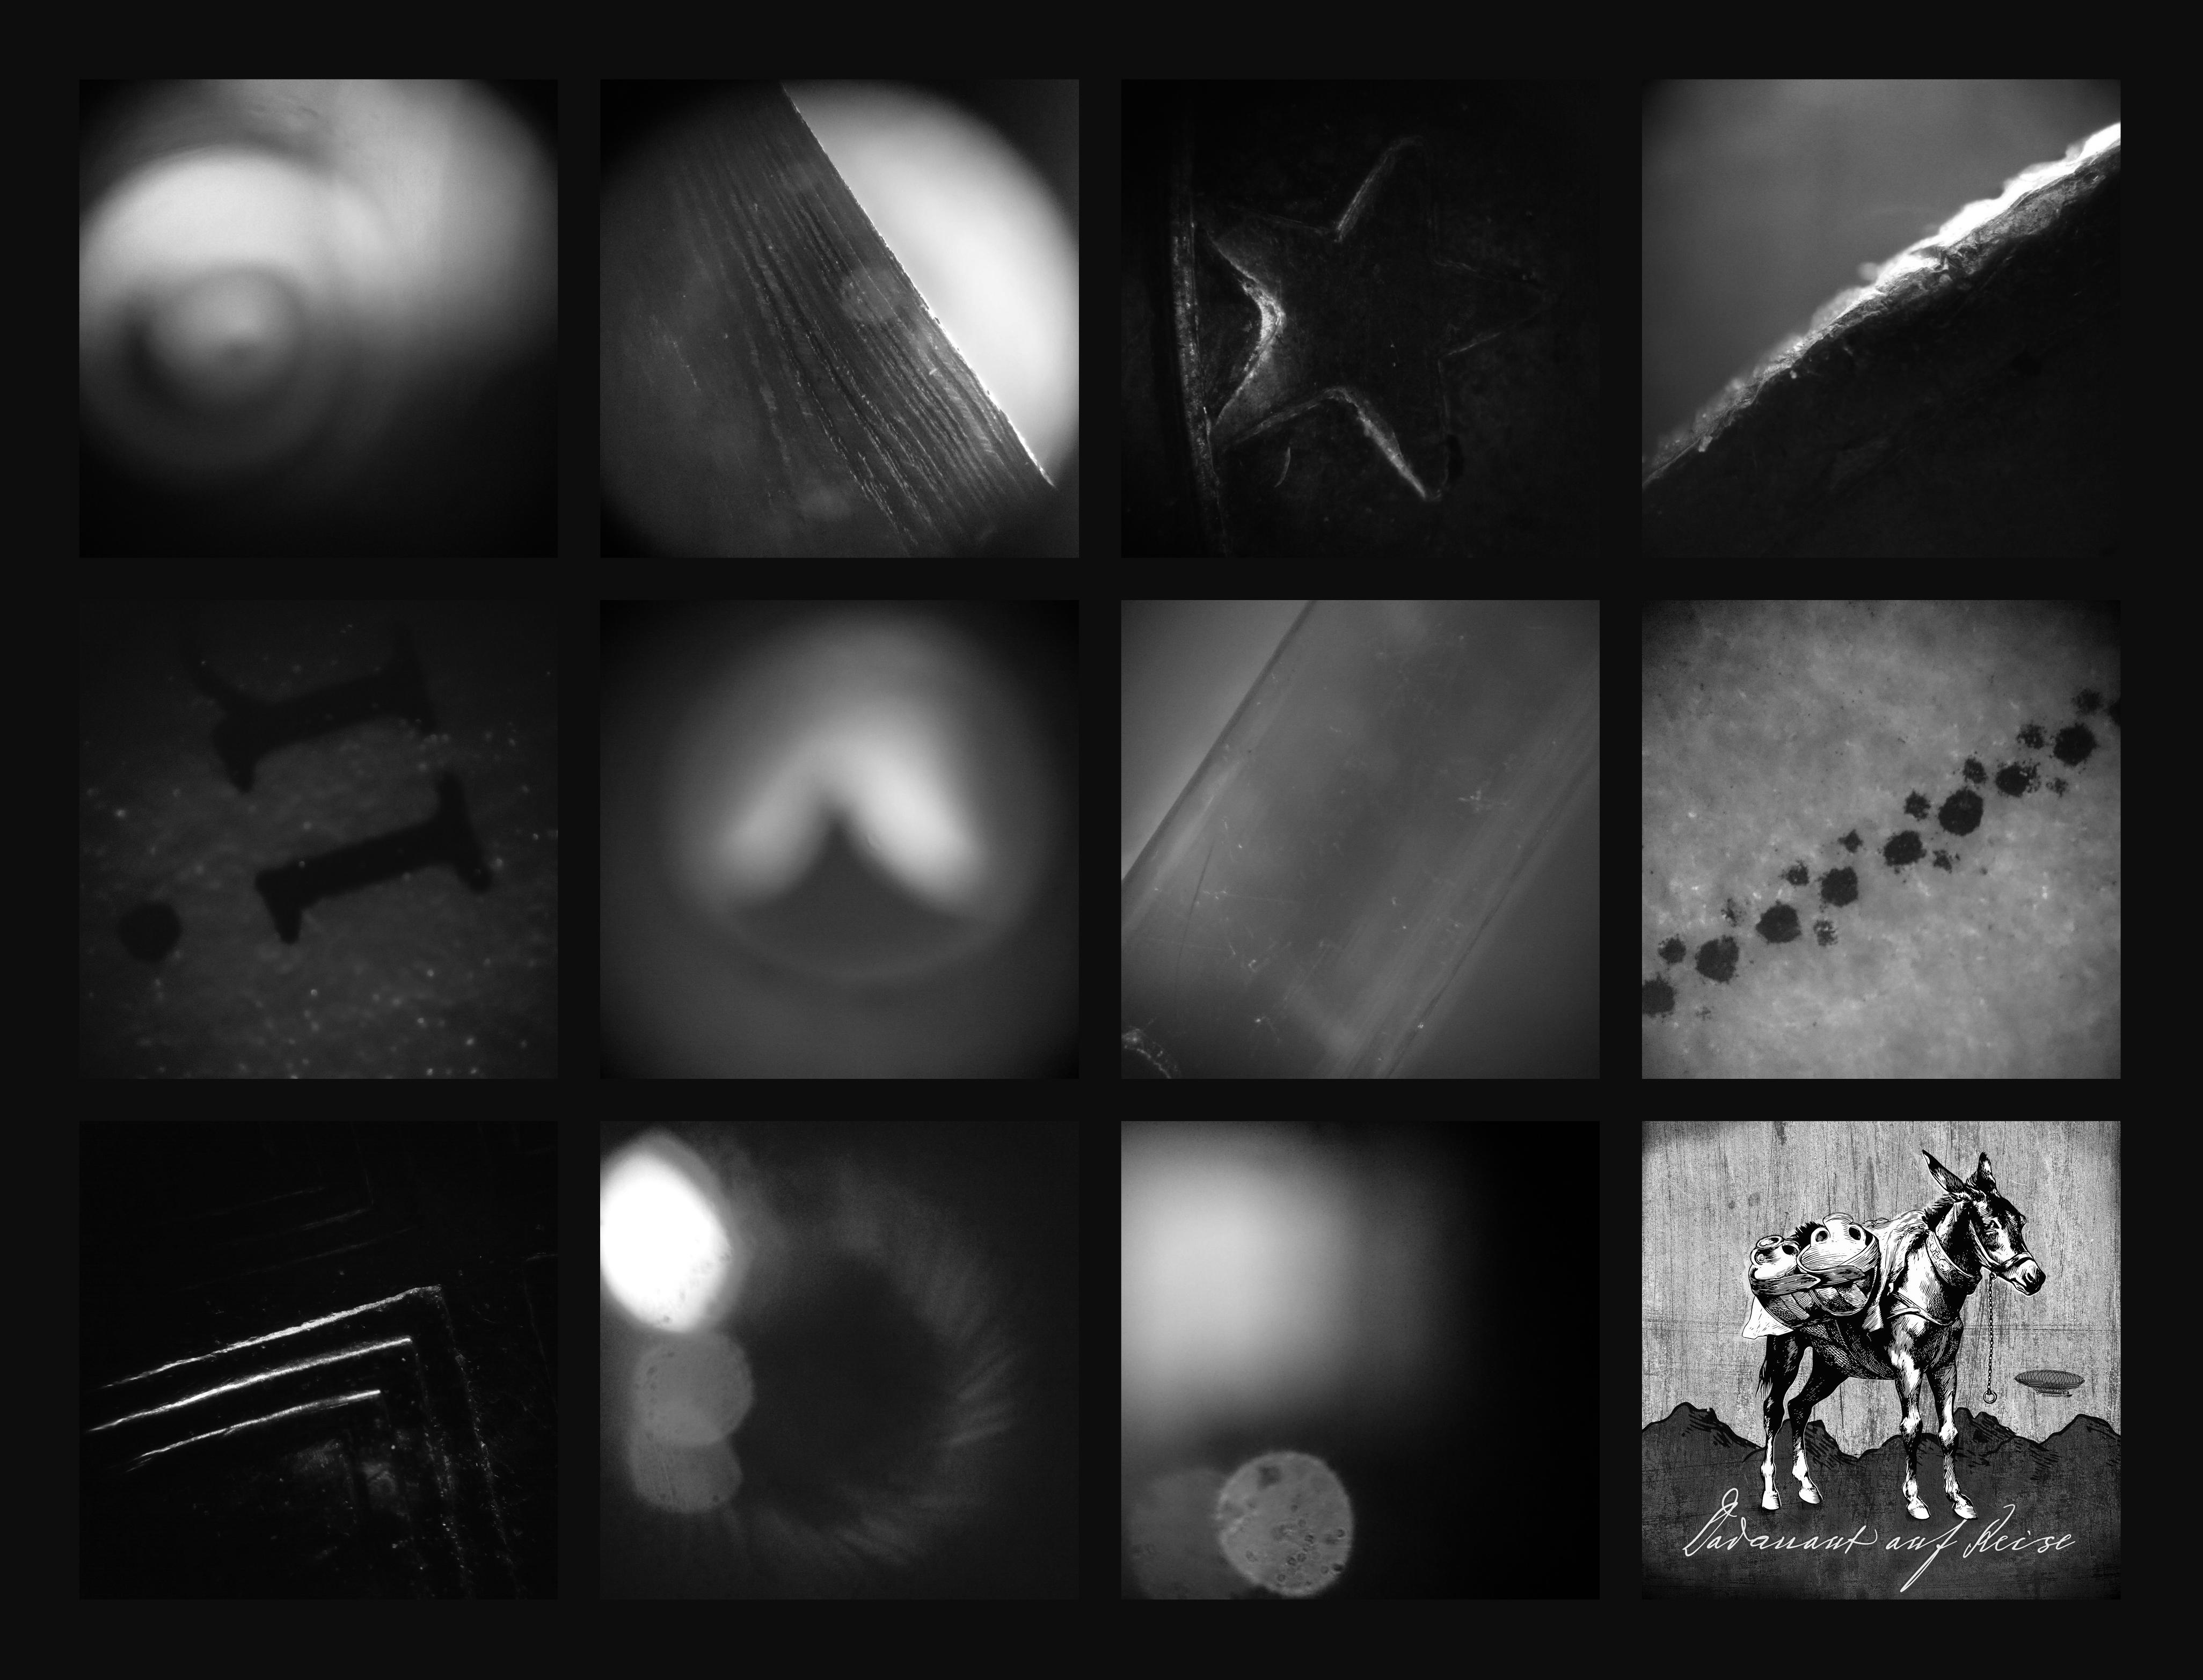 dadanaut-auf-reise-collage